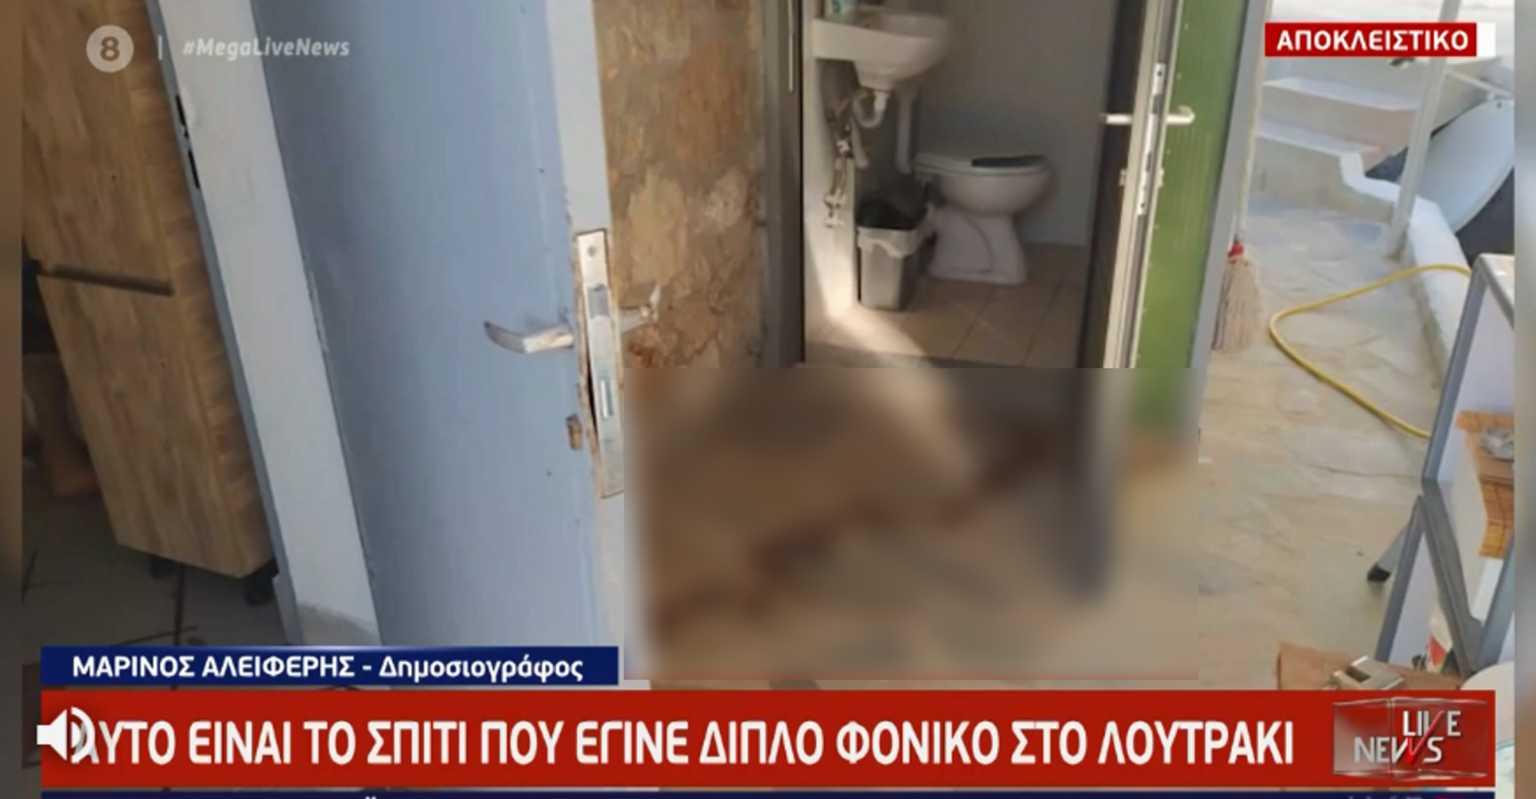 Λουτράκι: Σοκαρισμένος ο πρώην σύζυγος της 43χρονης – Εικόνες από τον τόπο της διπλής δολοφονίας